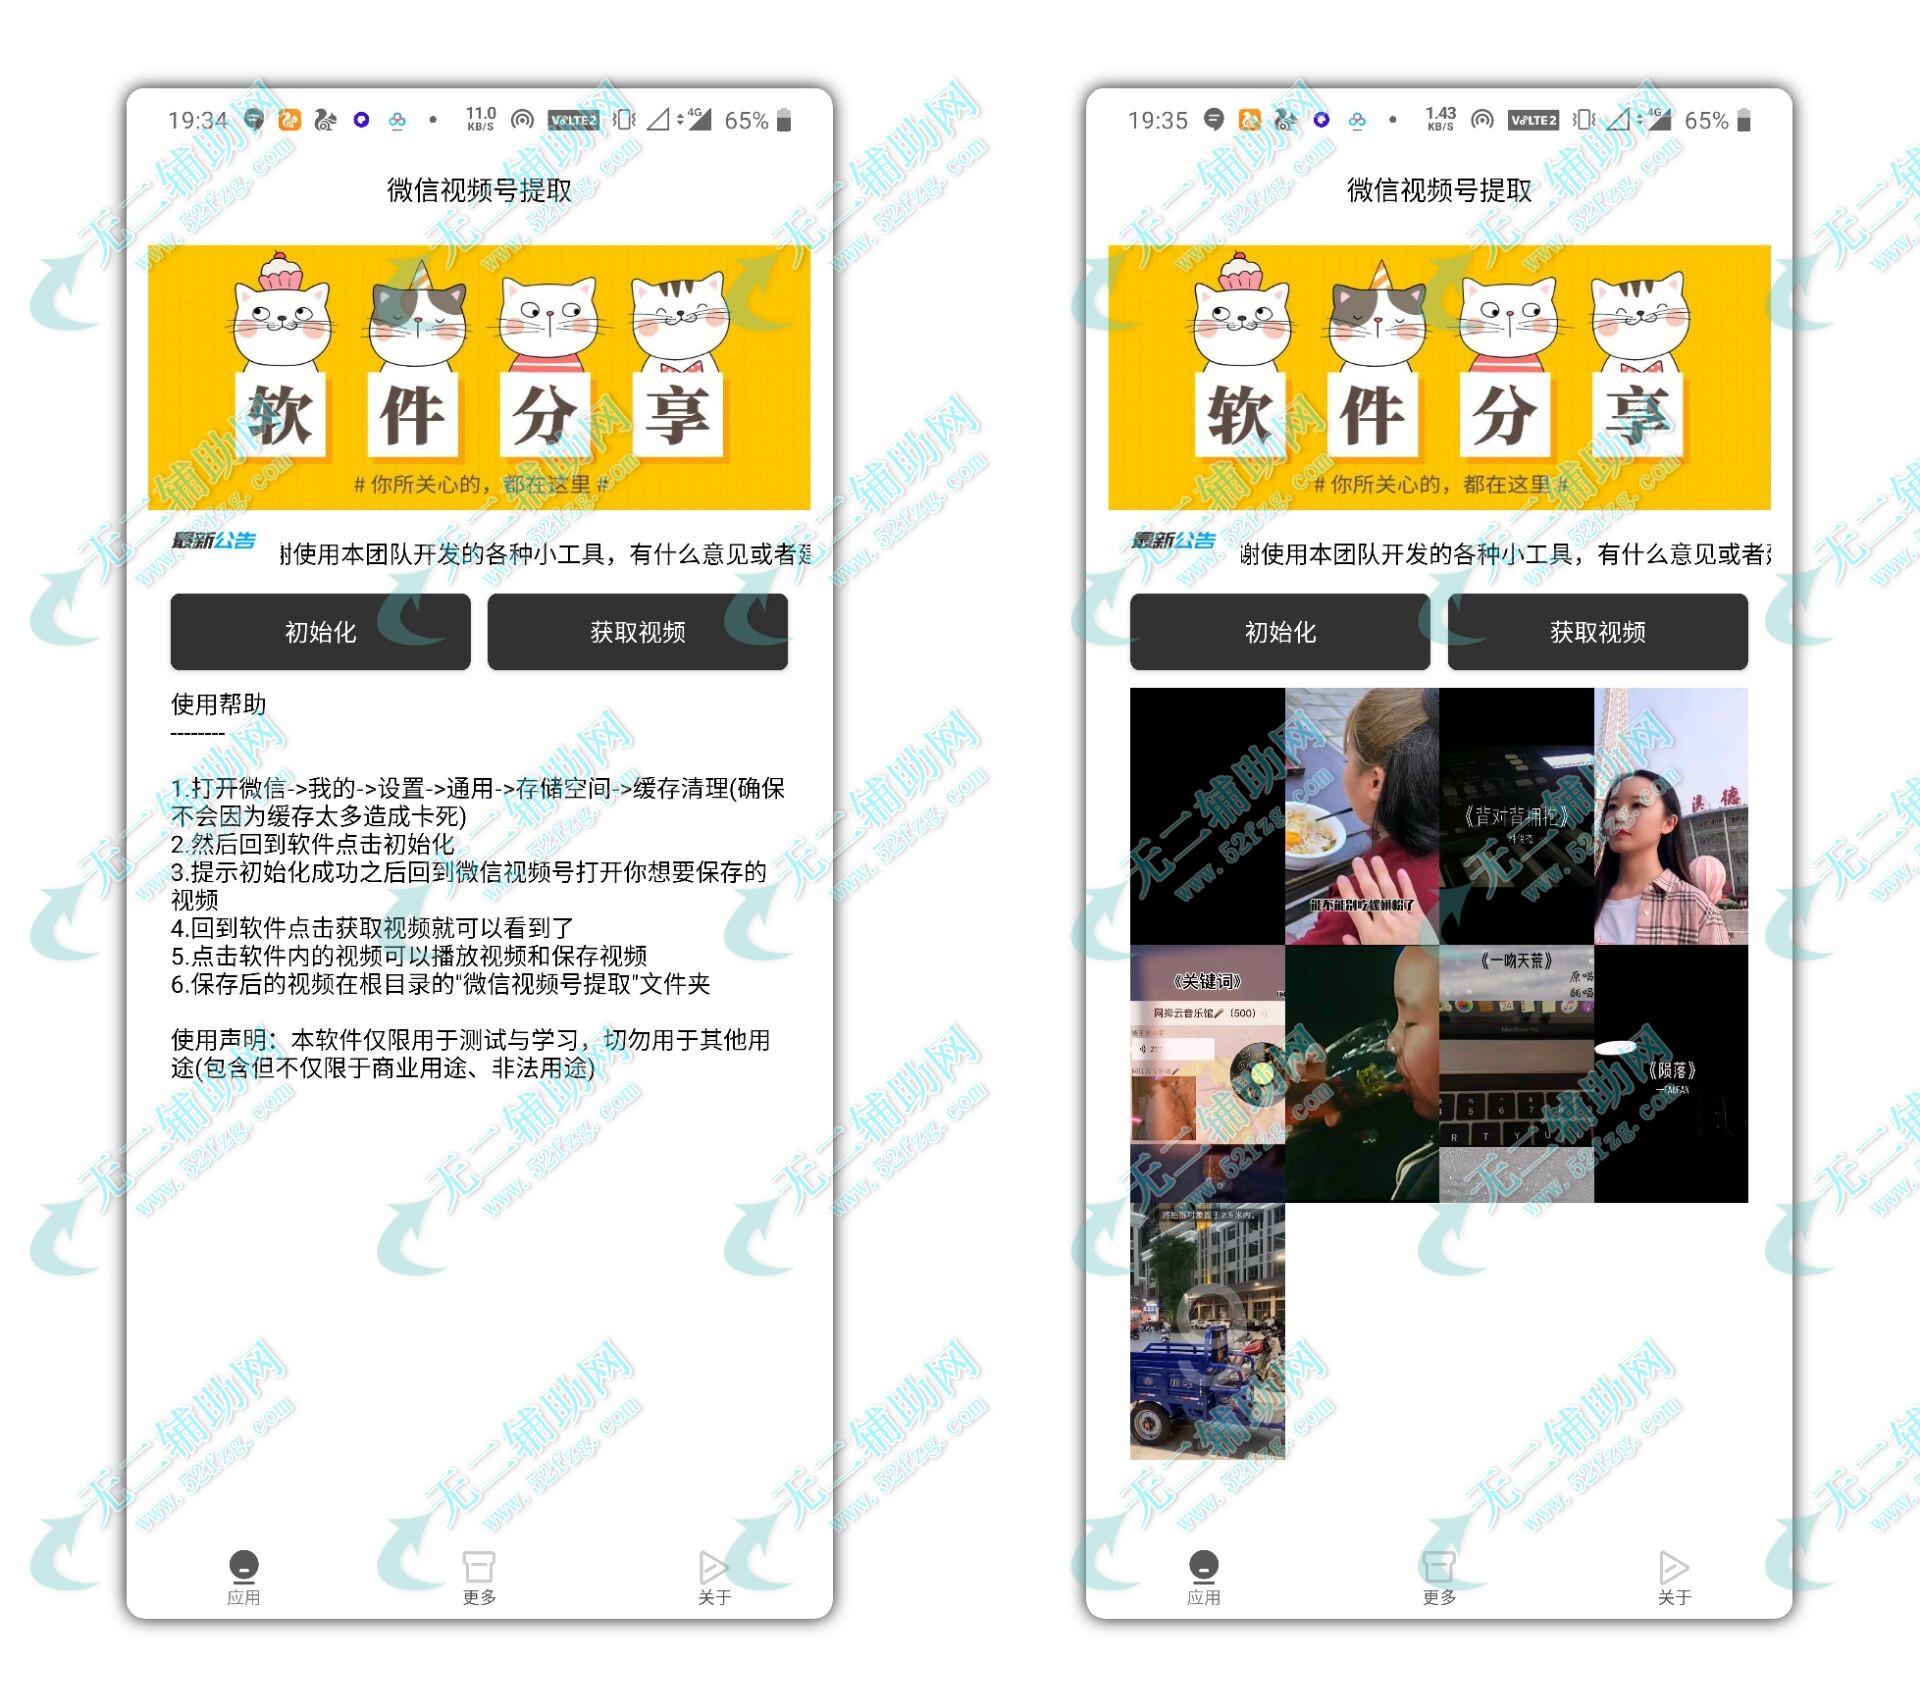 微信视频号提取v1.0 一键保存微信视频号里的精彩短视频